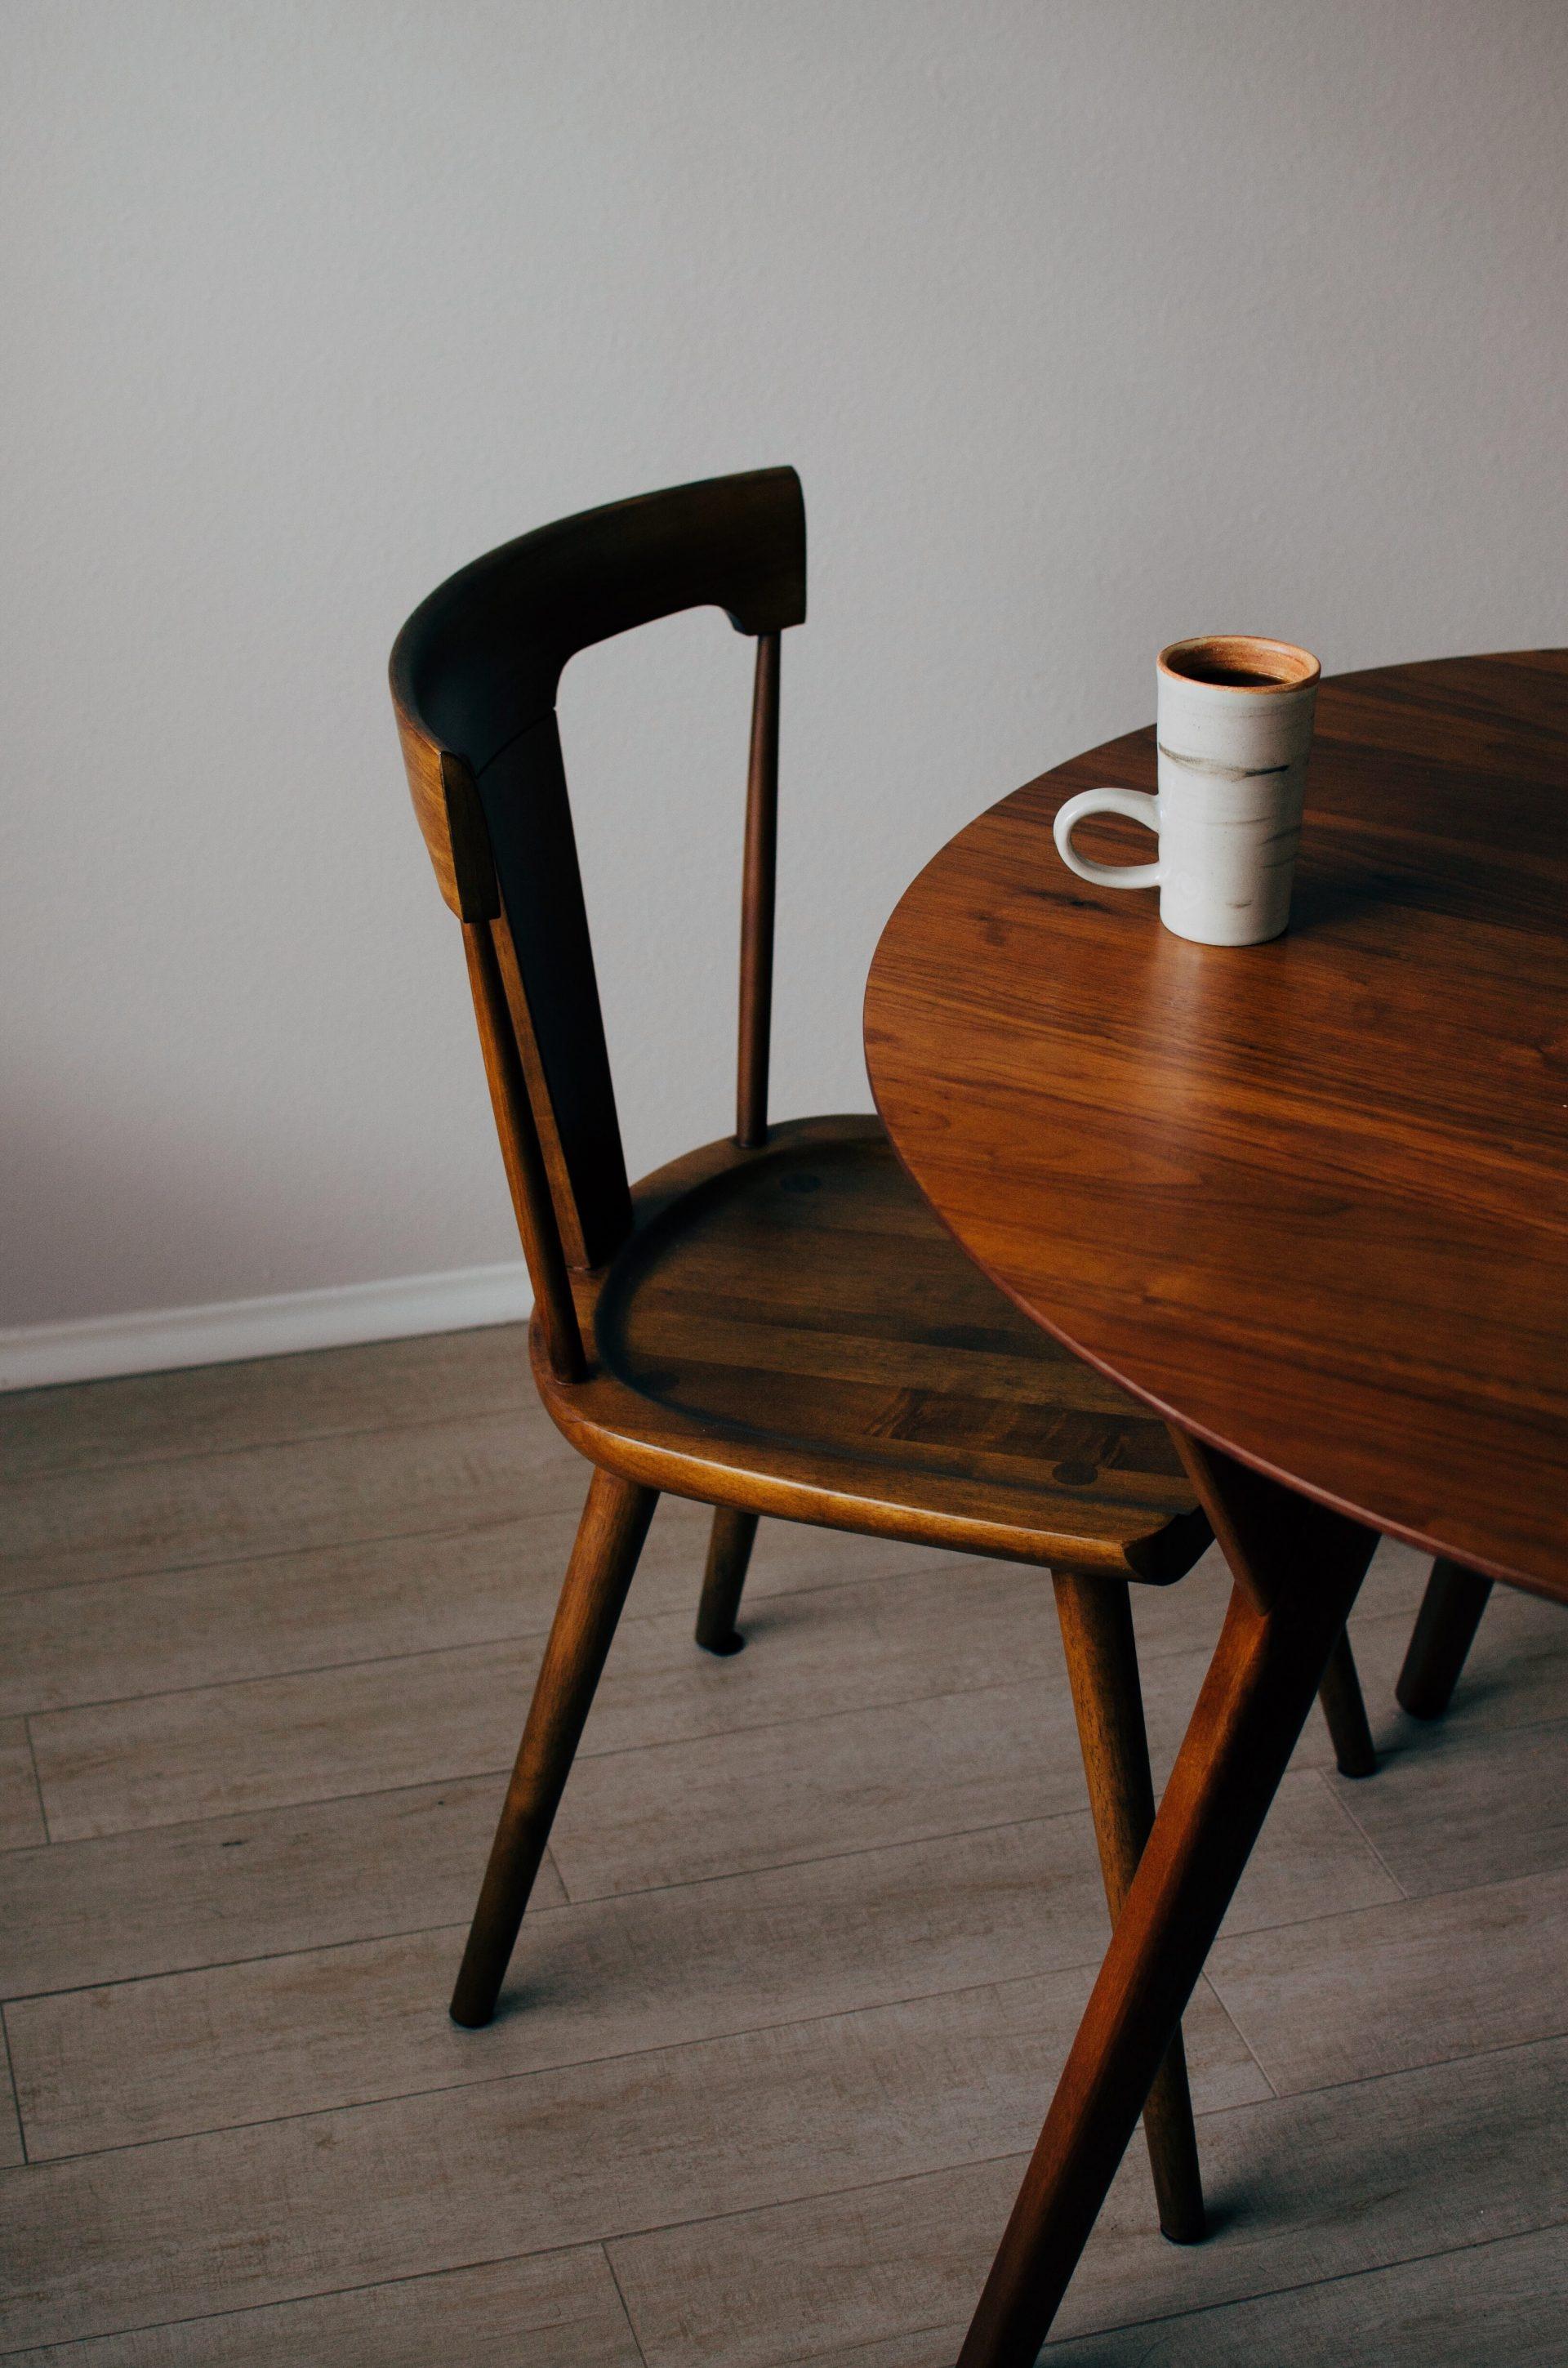 stol-stolicka-ochranny-olej-dreveny-nabytok-salka-kava-lesk